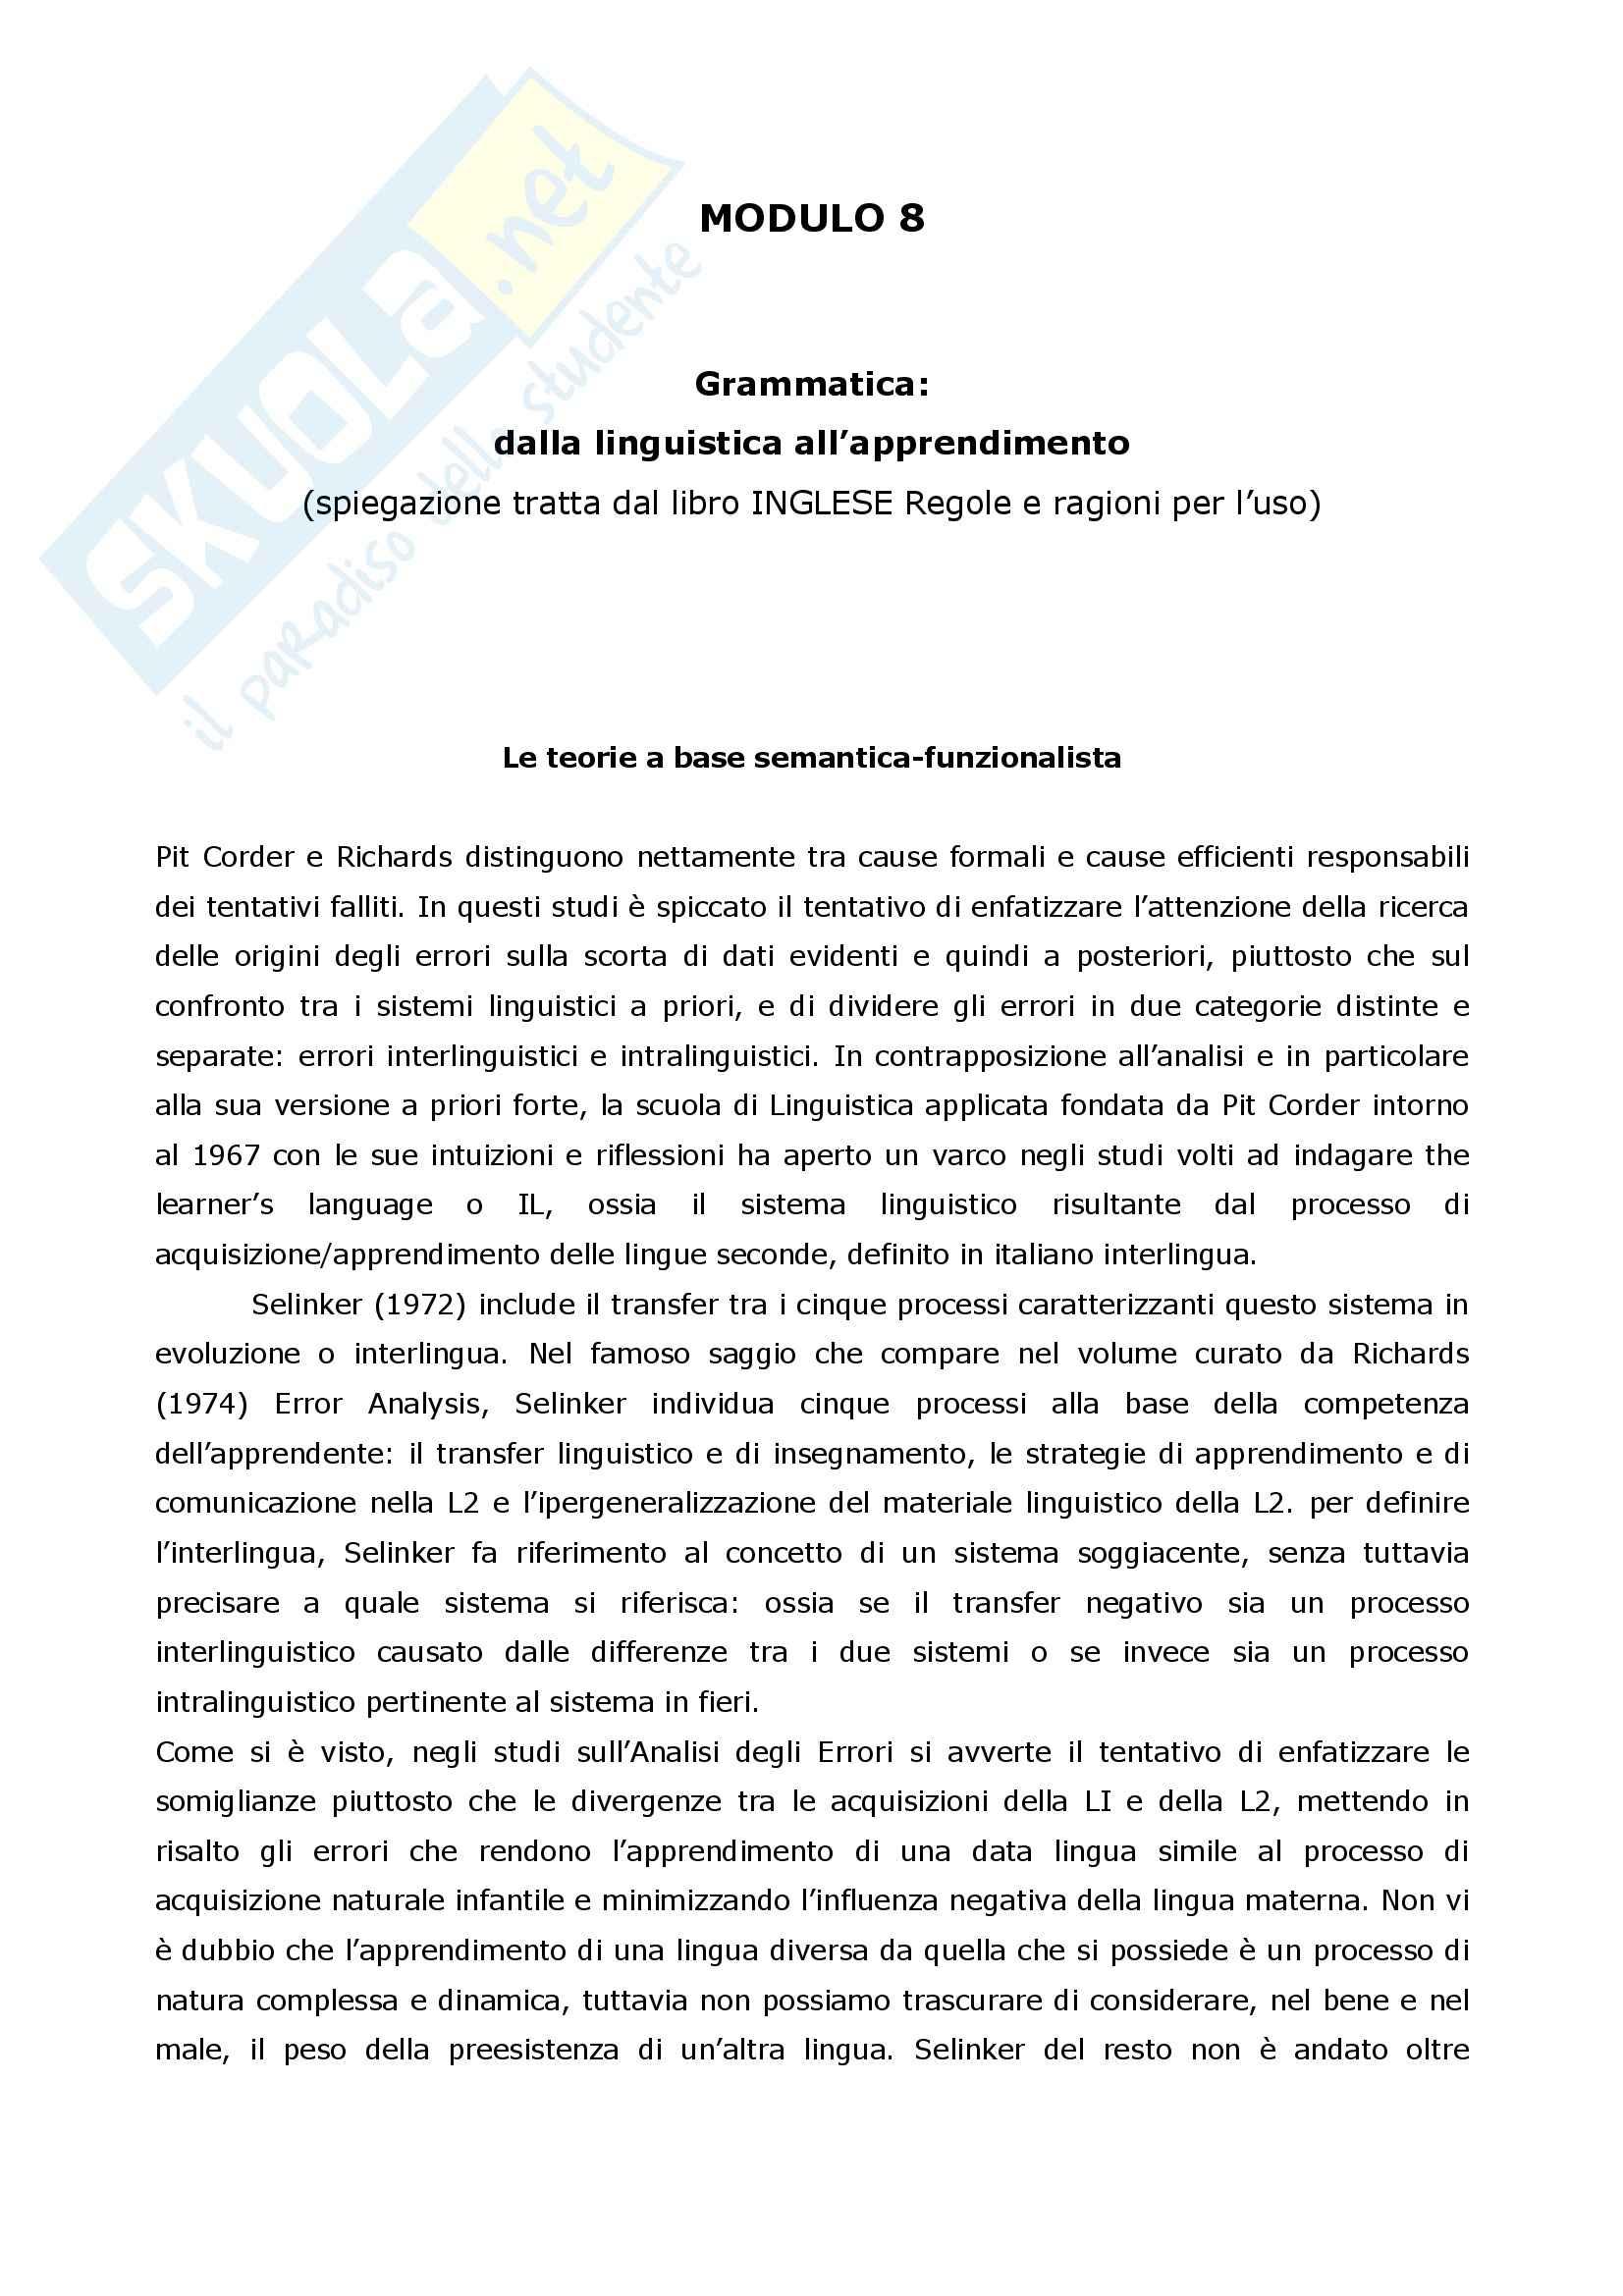 Inglese, regole e ragioni per l'uso - Le teorie a base semantica funzionalista